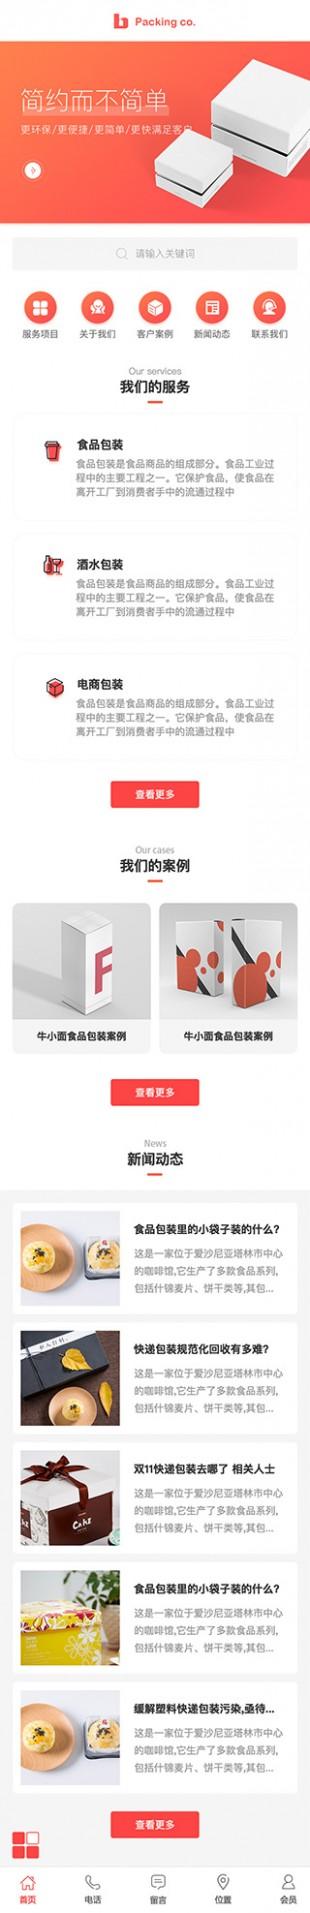 产品保装网站建设模板手机图片